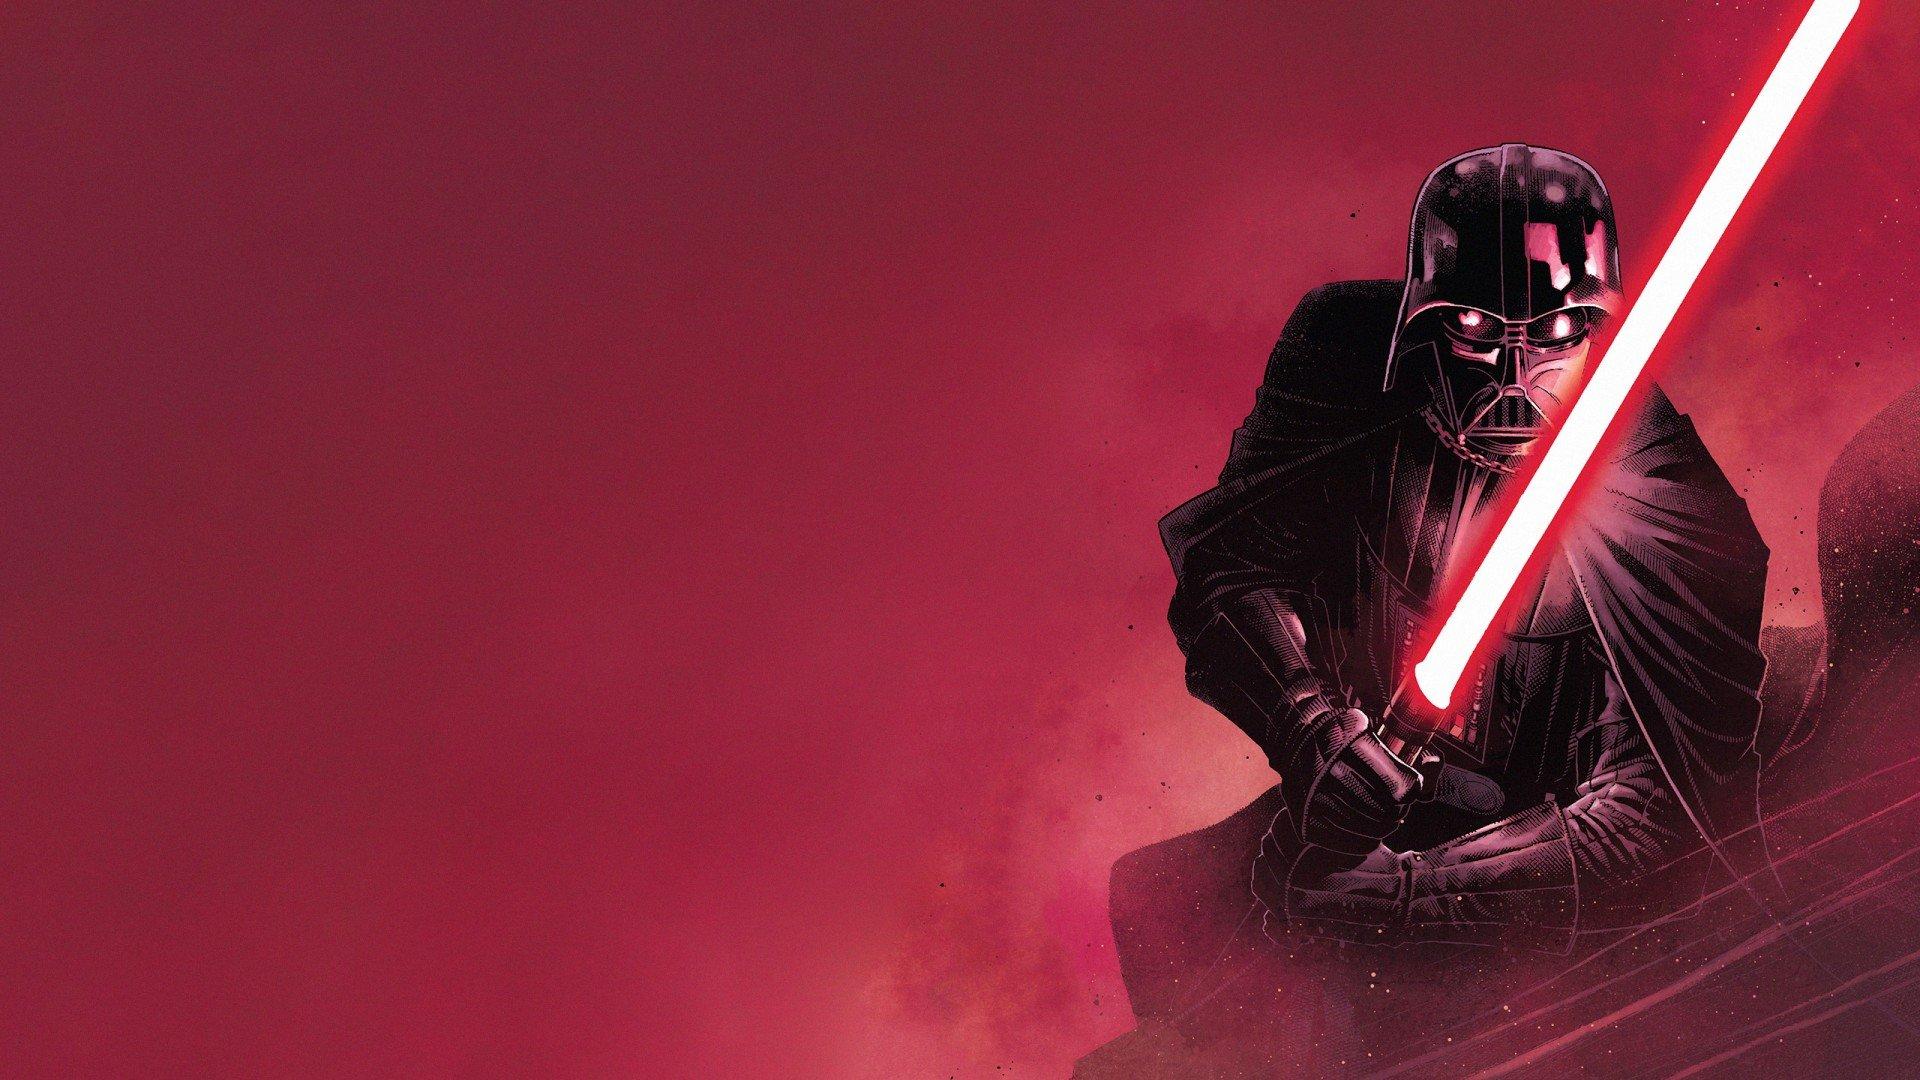 May the force be with you лучшие игры по вселенной Звездные войны